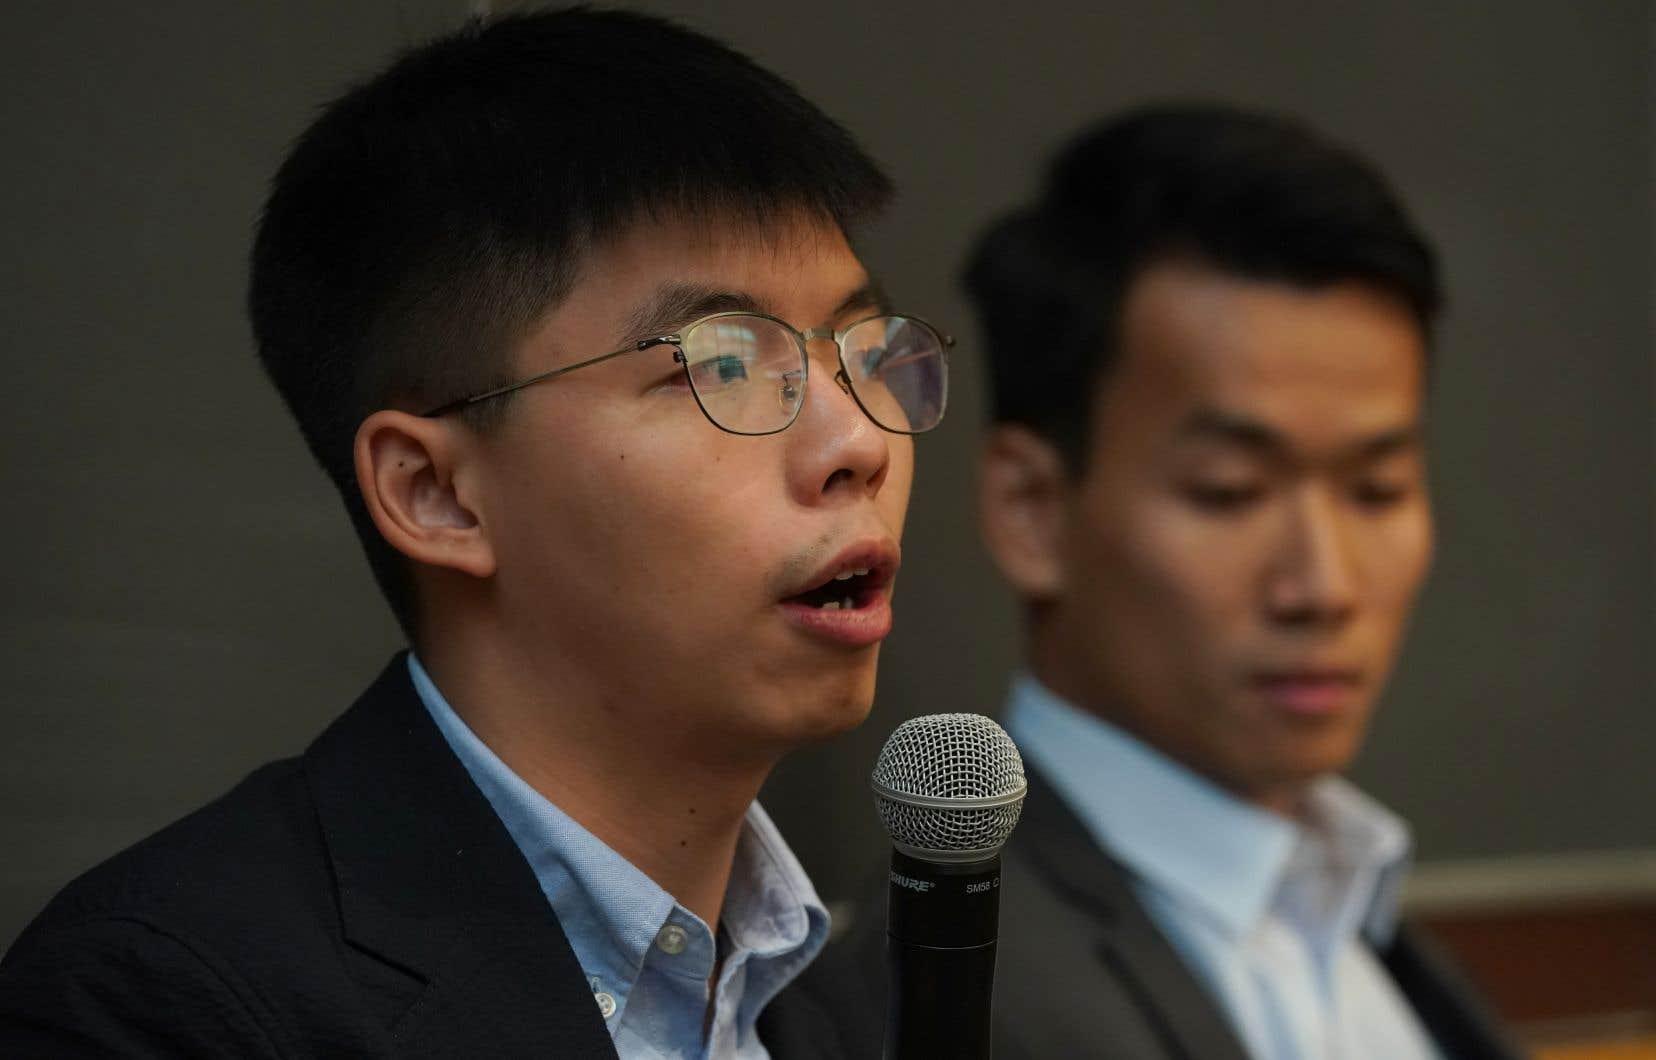 La visite de Joshua Wong aux États-Unis s'inscrit dans le cadre d'une tournée internationale pour rallier des soutiens à la cause des manifestants hongkongais. «L'été de la colère est en train de devenir l'année de la colère», a-t-il affirmé devant quelque 200 étudiants de Columbia.